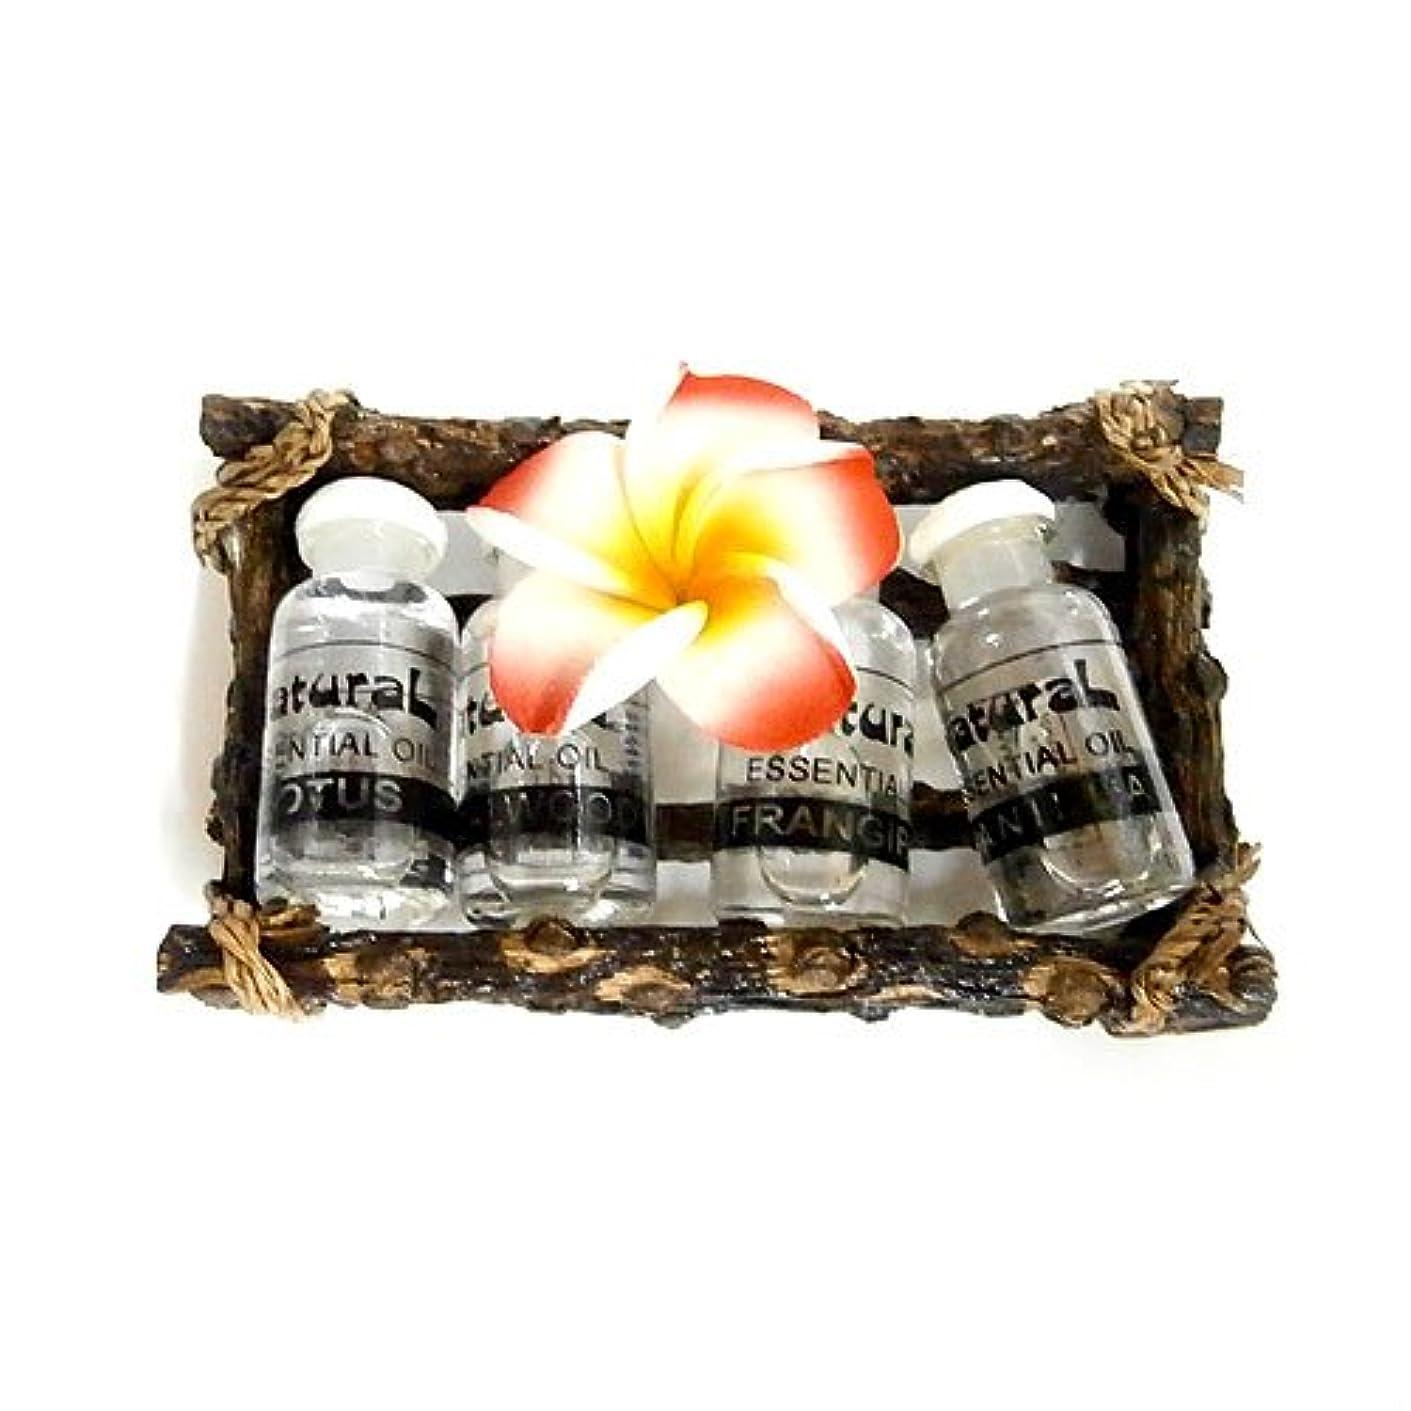 ワーム温室胚芽アロマオイル4種セット 木枠入り アジアン雑貨